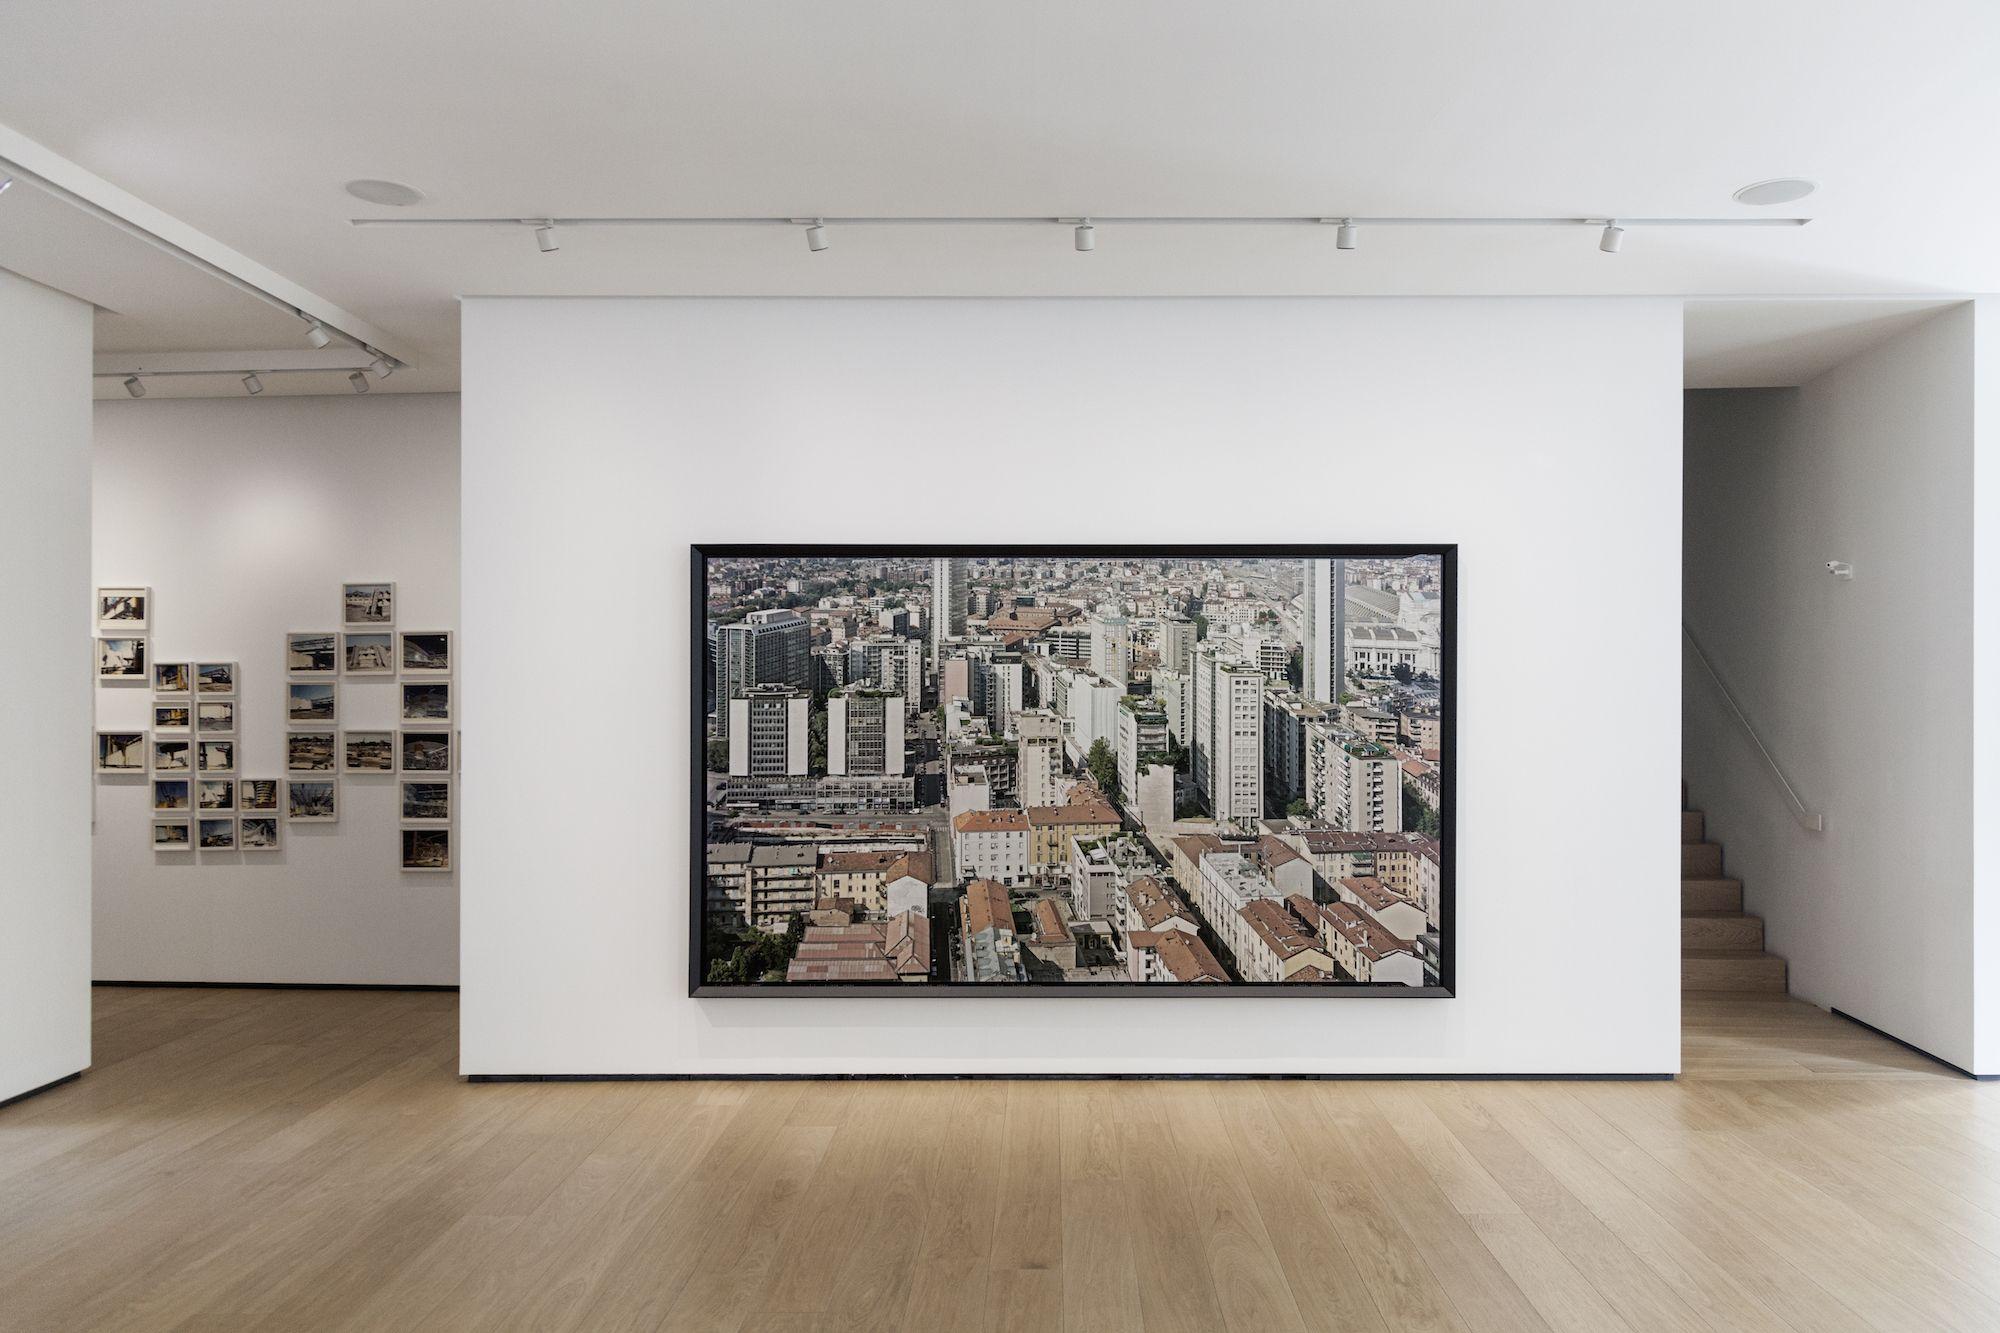 Vincenzo Castella, Milano, installation view